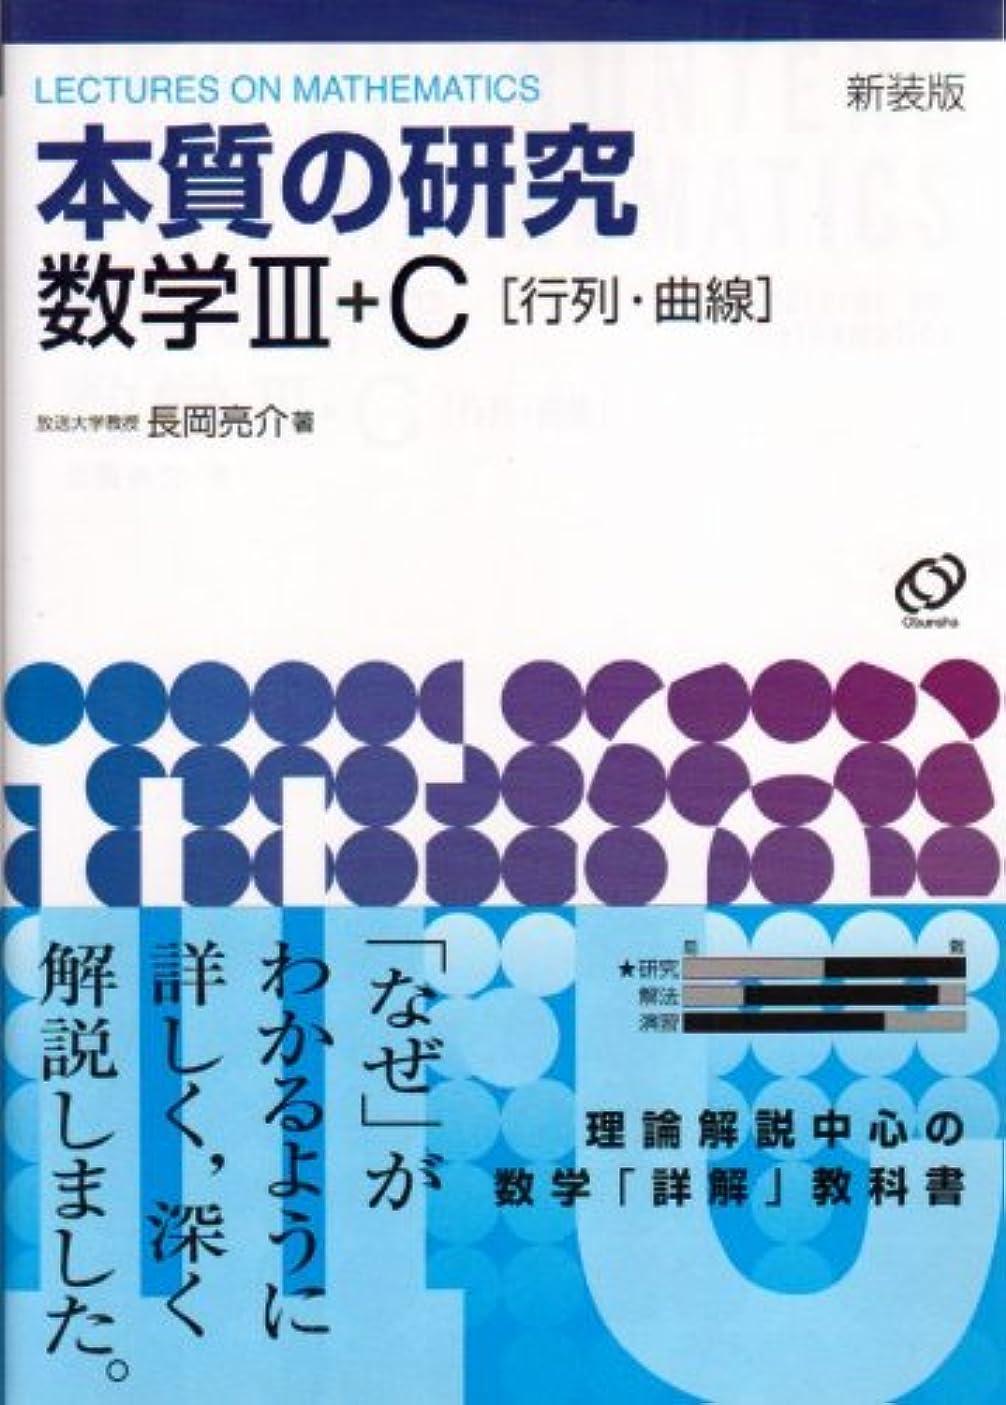 重荷よろめく練る本質の研究数学III?C〈行列?曲線〉―Lectures on mathematics (New encounters with mathematics-Lectures on mathematics-)